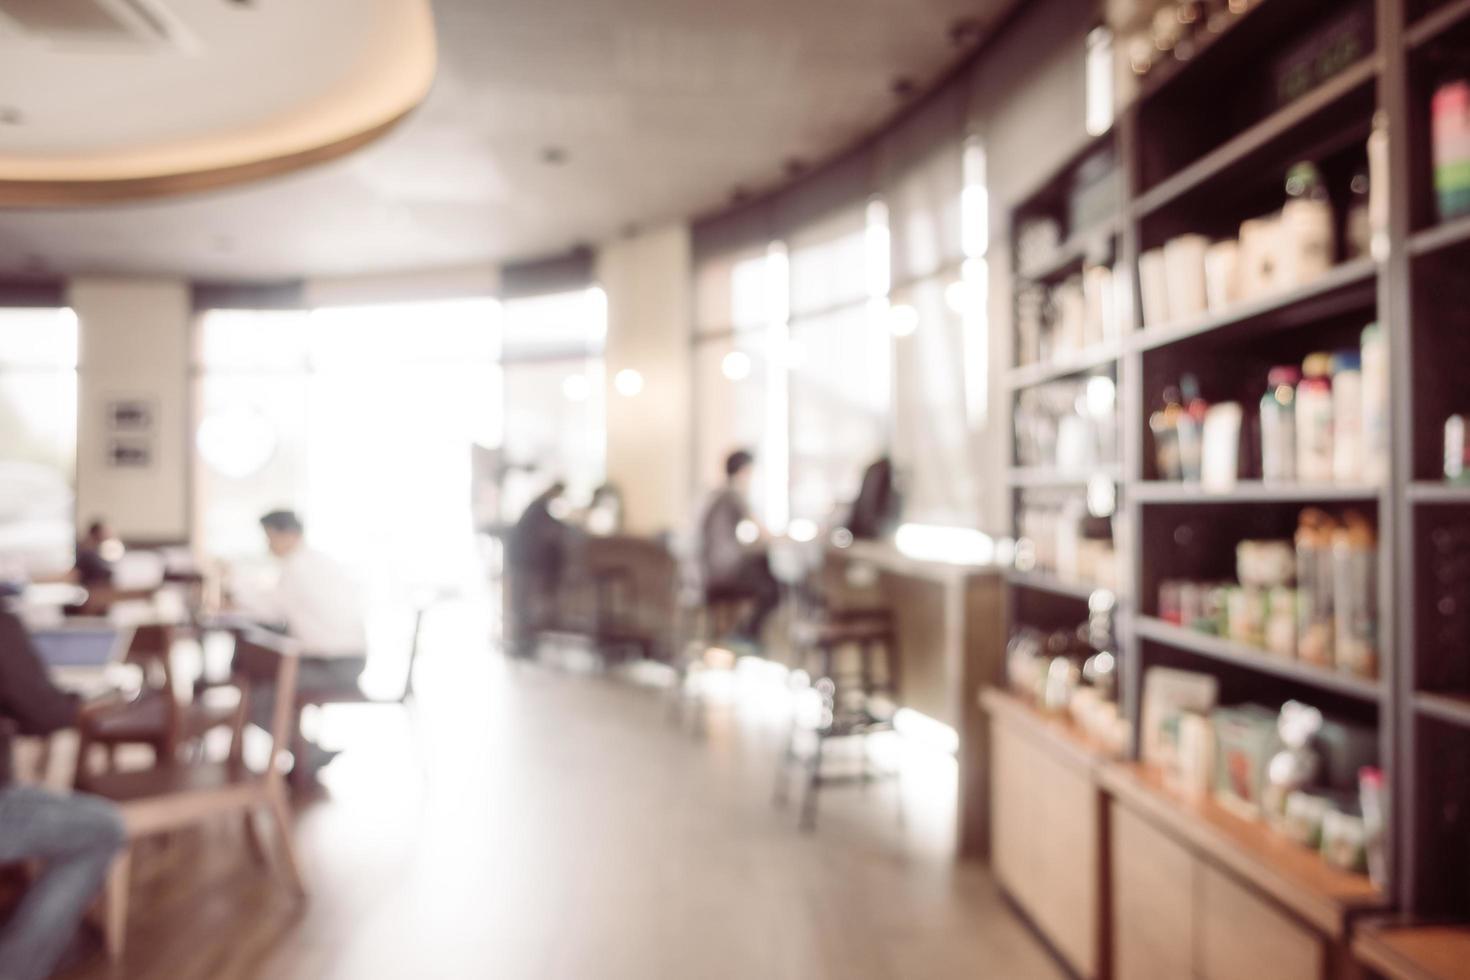 café flou abstrait et intérieur du restaurant photo